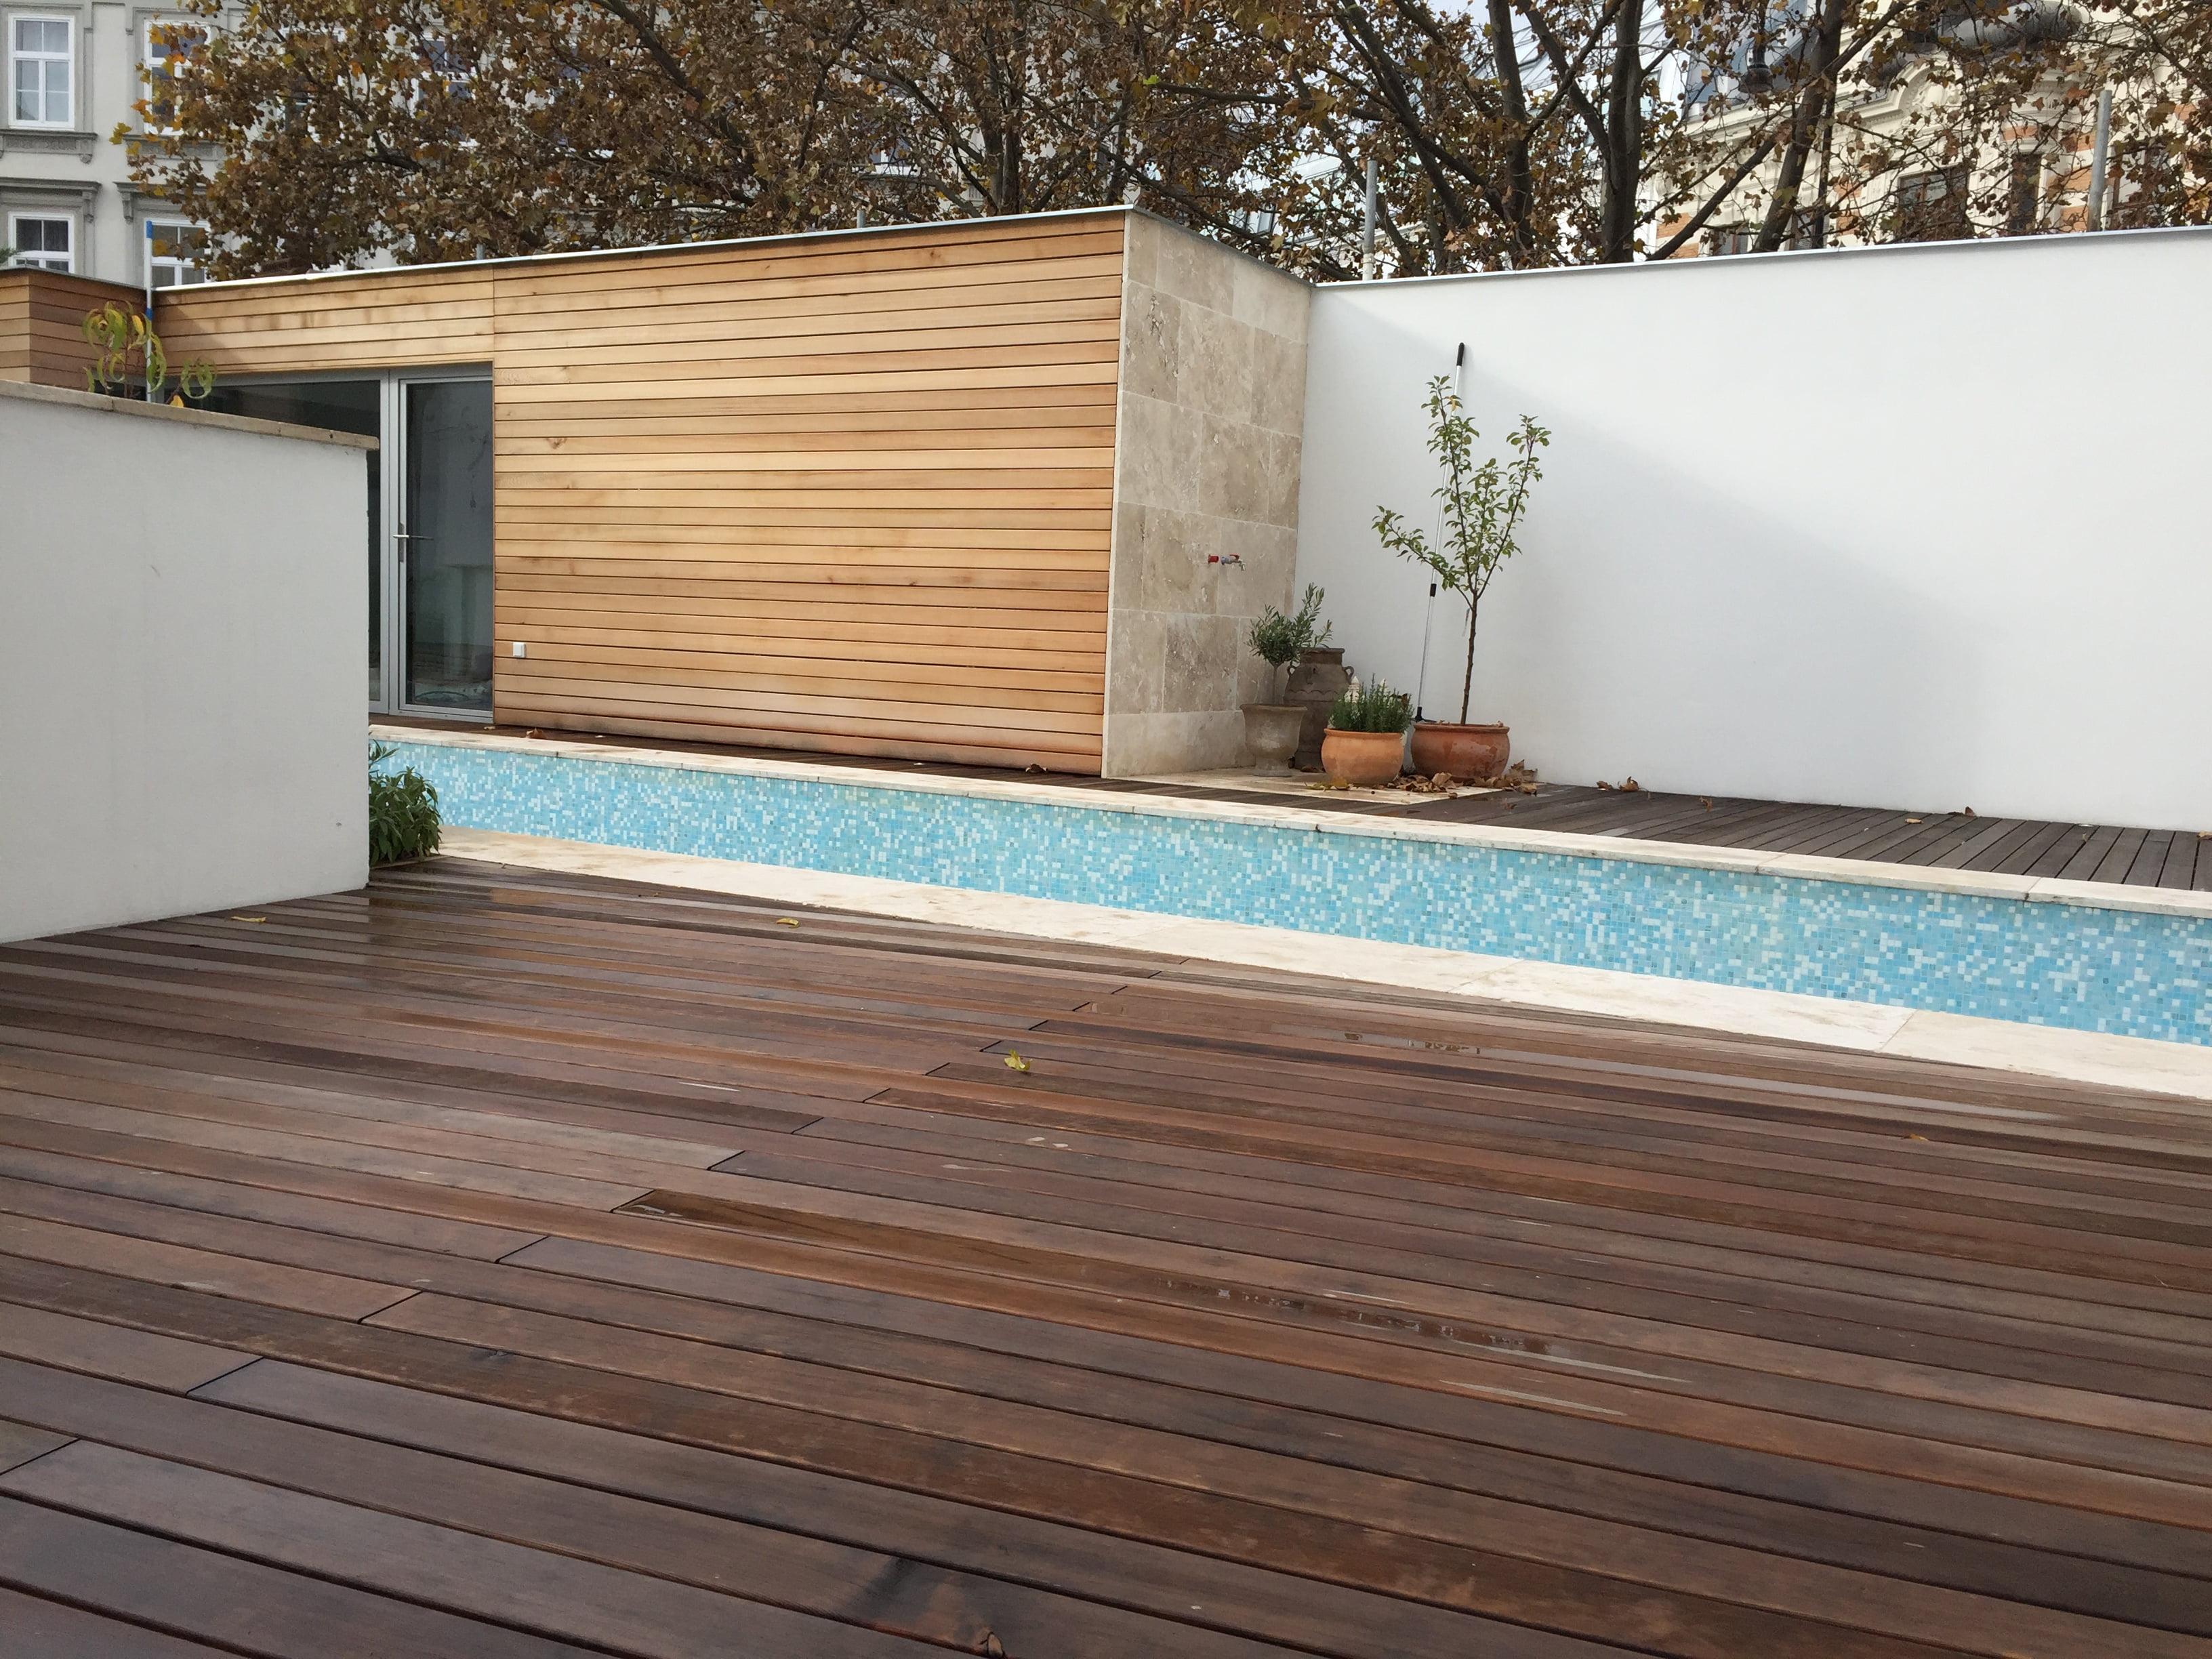 50 elegant terrasse holzboden images terrassenideen blog. Black Bedroom Furniture Sets. Home Design Ideas